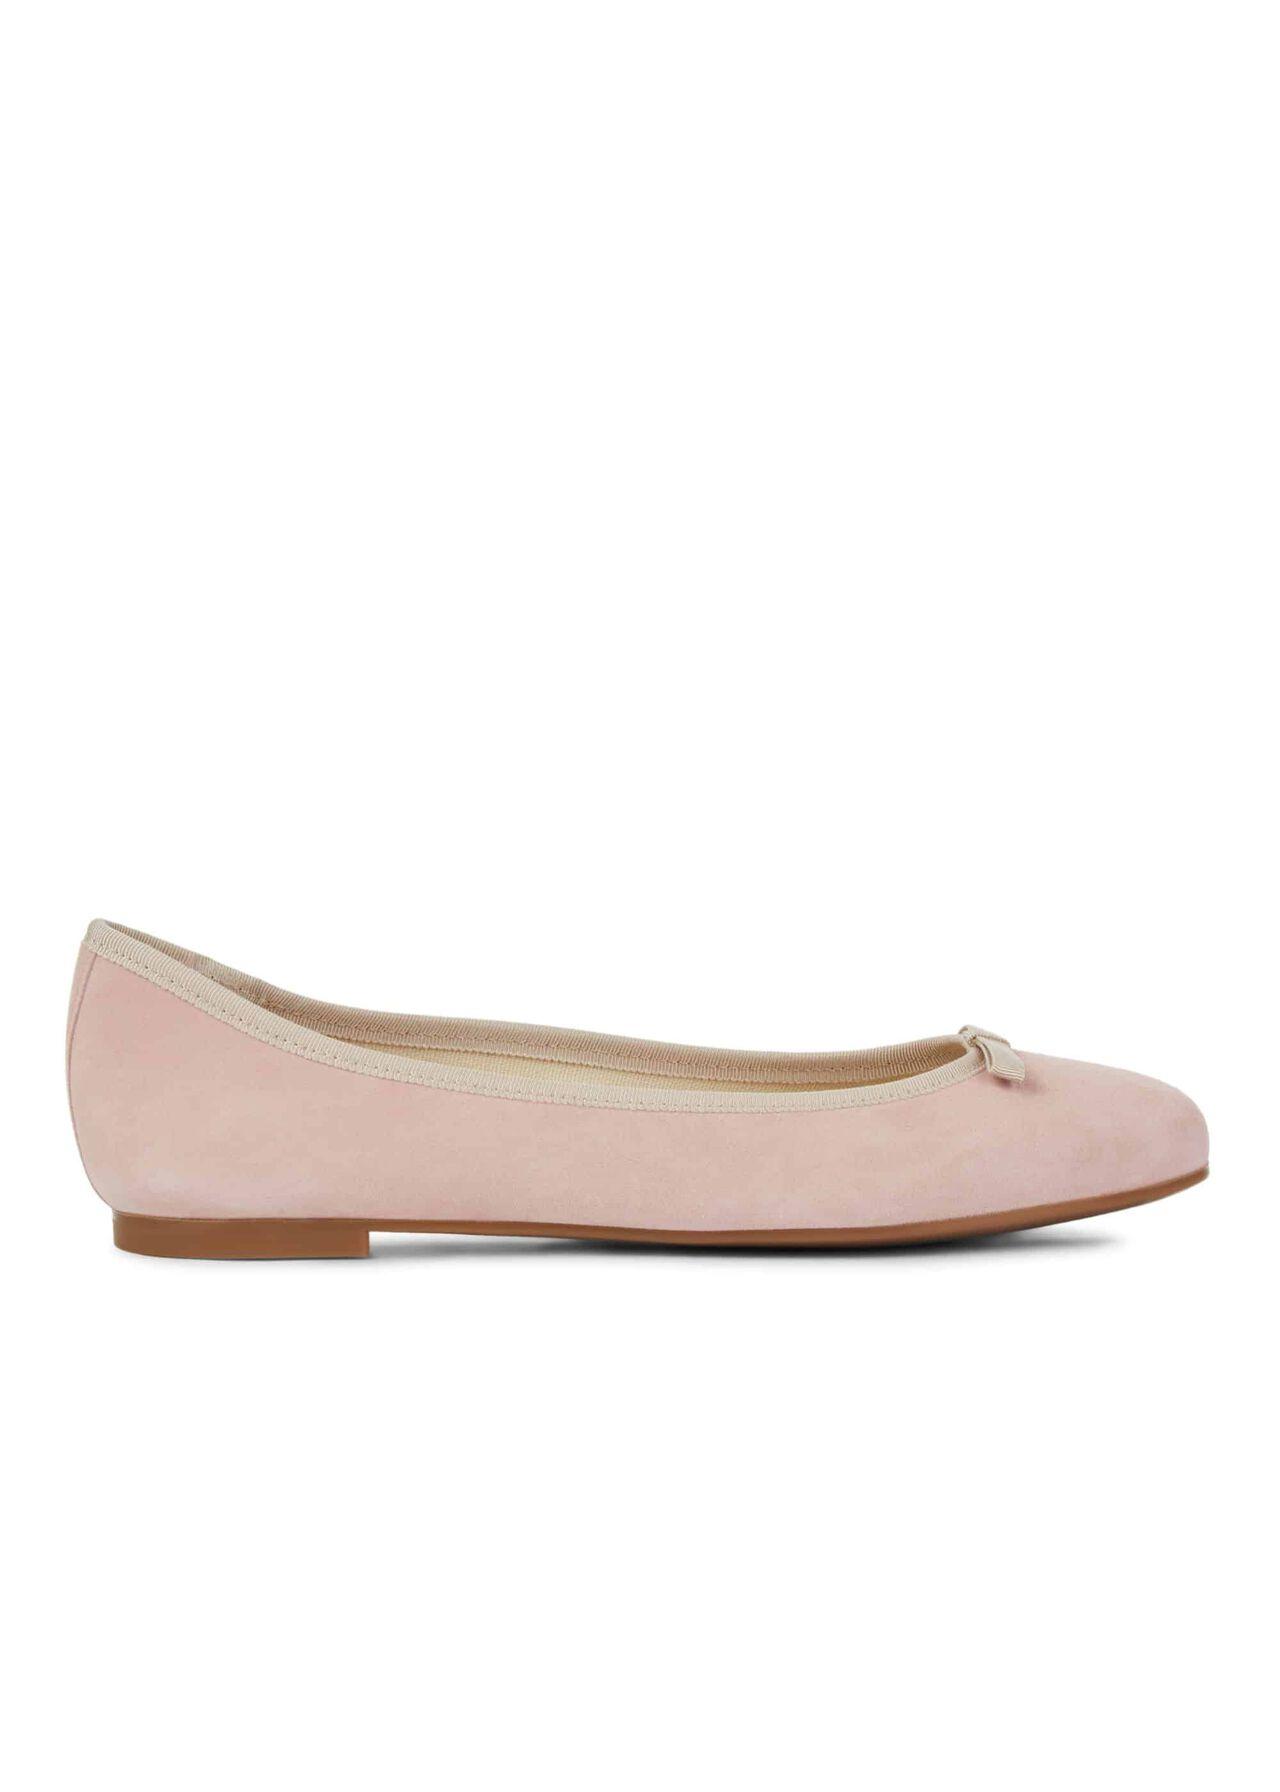 Flo Ballerina Blossom Pink